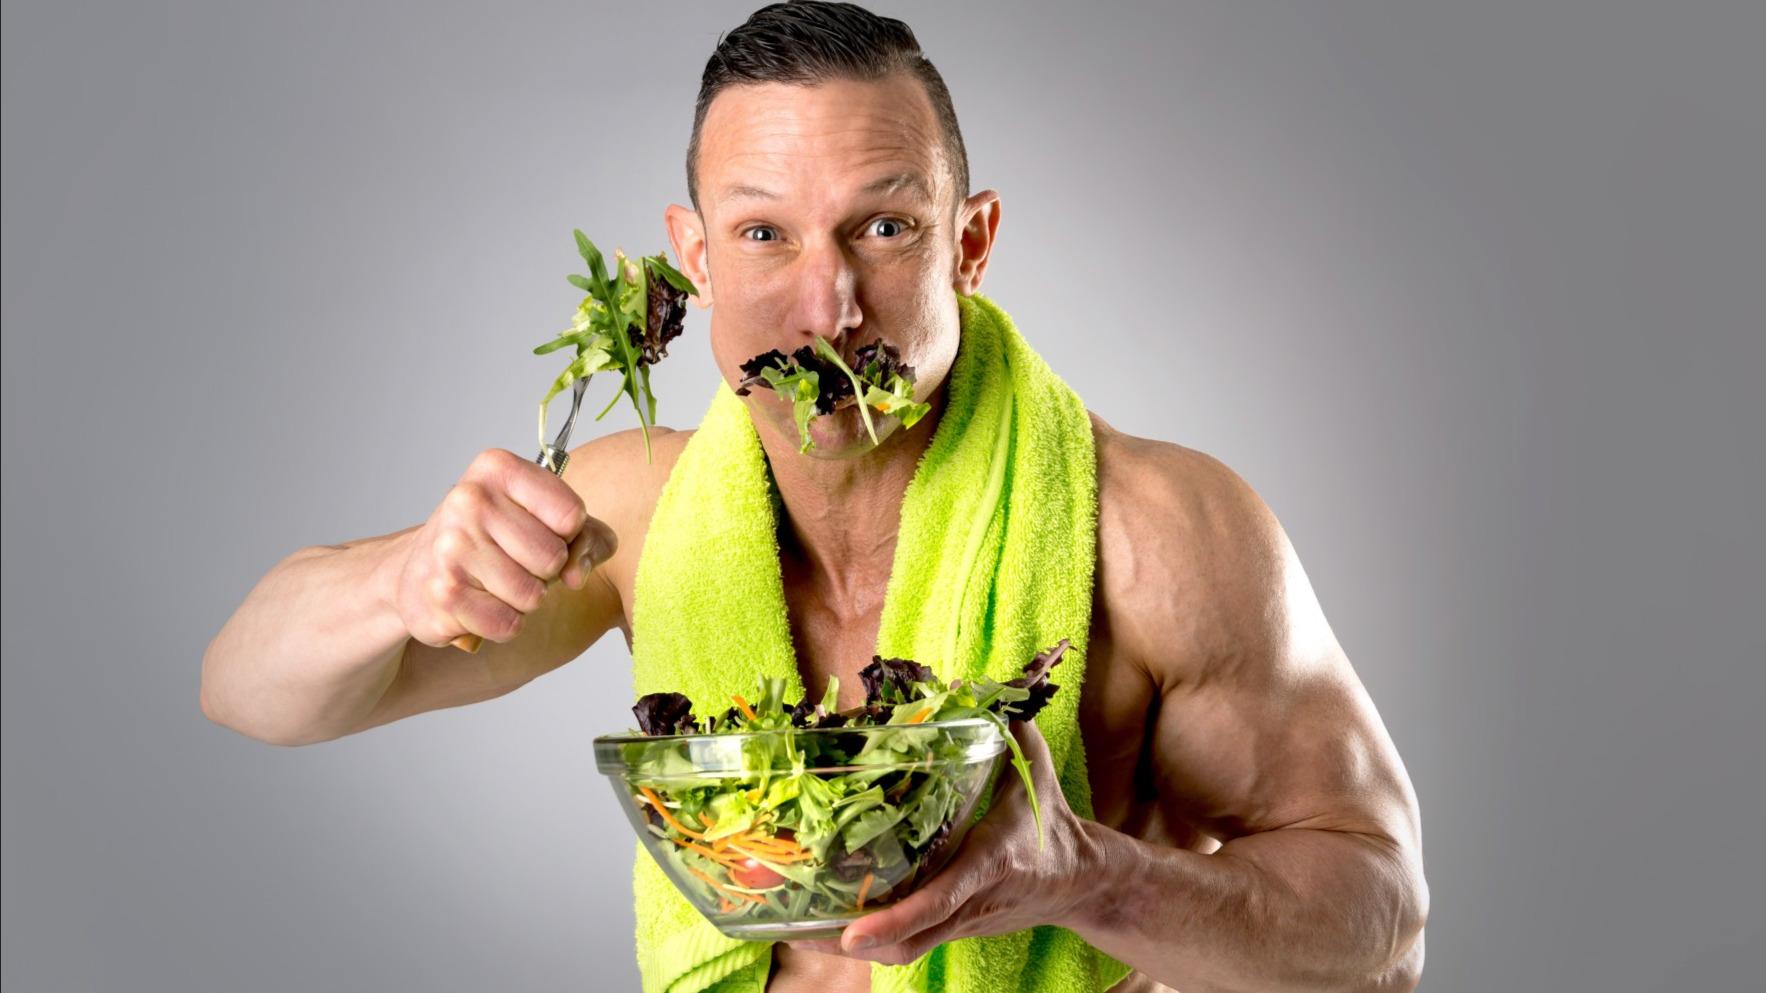 Der sportliche Mann stopft sich Salat in den Mund. | Spiele.de